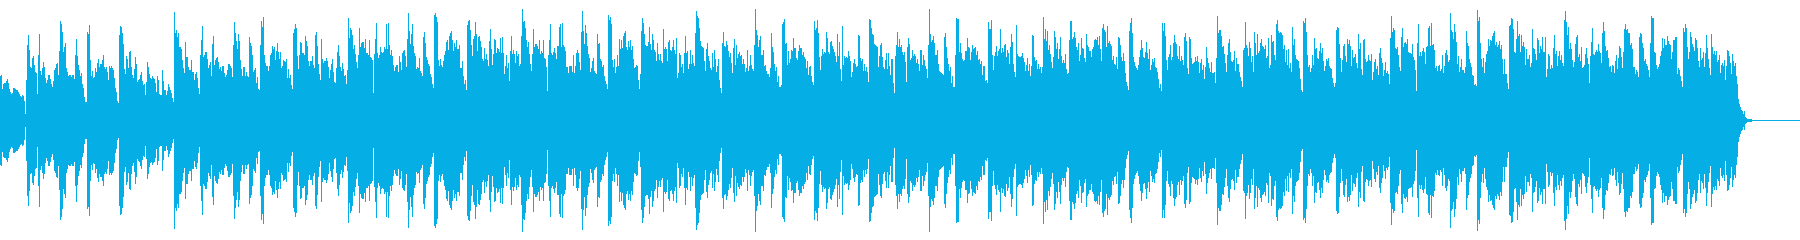 BGMに合いそうな優しい音楽の再生済みの波形